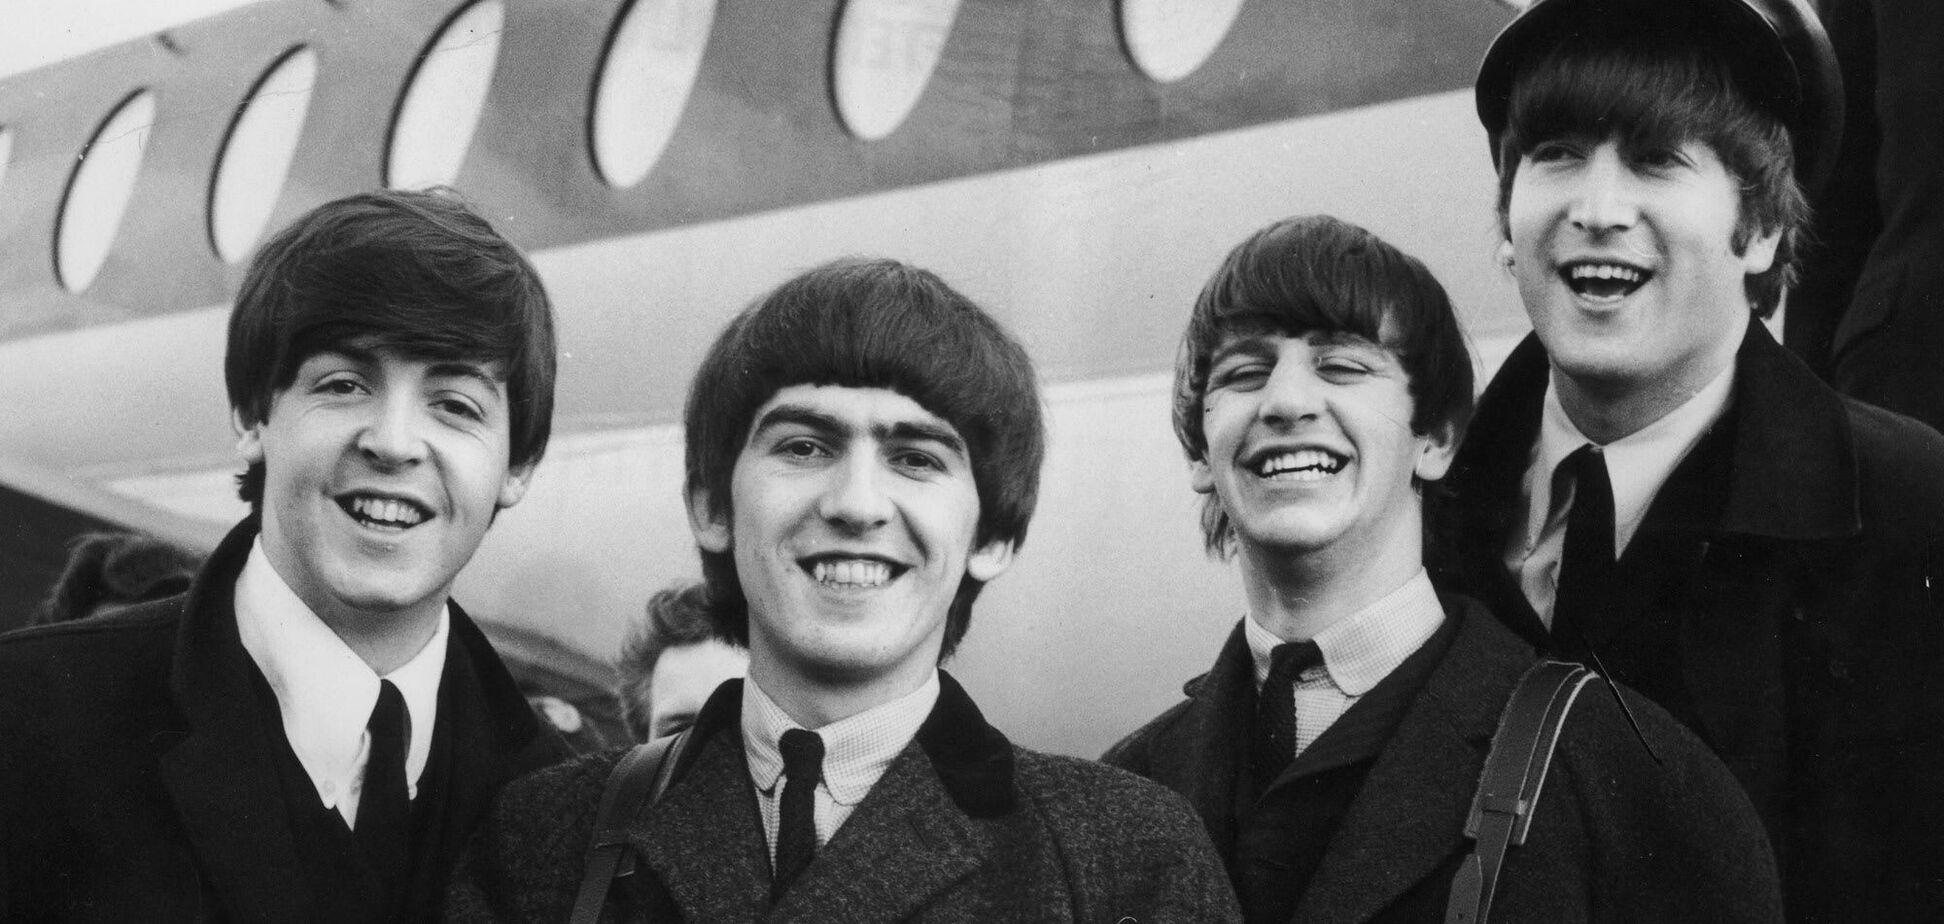 58 лет назад концерт The Beatles впервые показали на телевидении